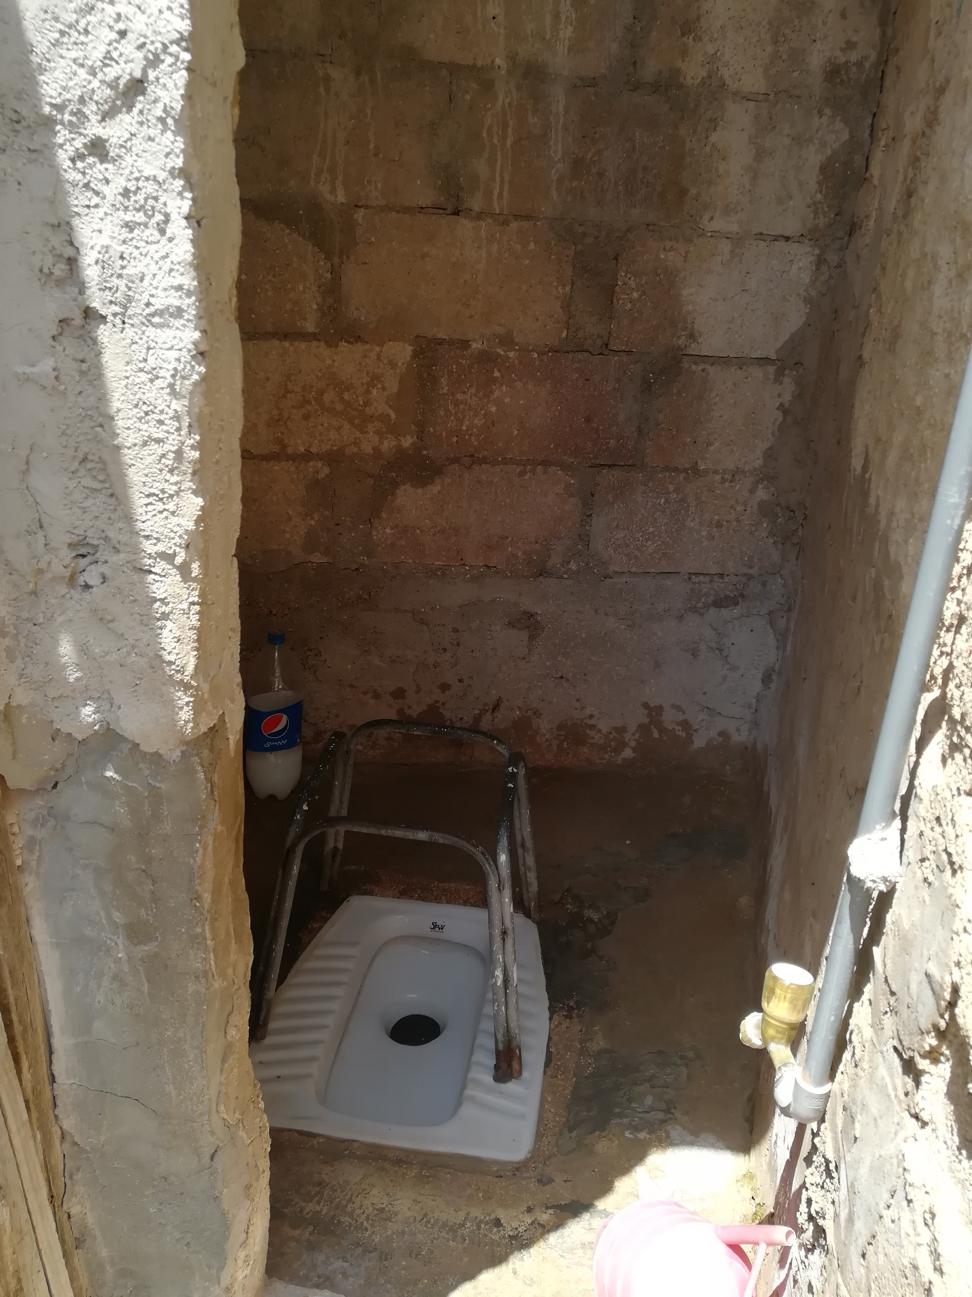 Um Mohammeds bathroom.png